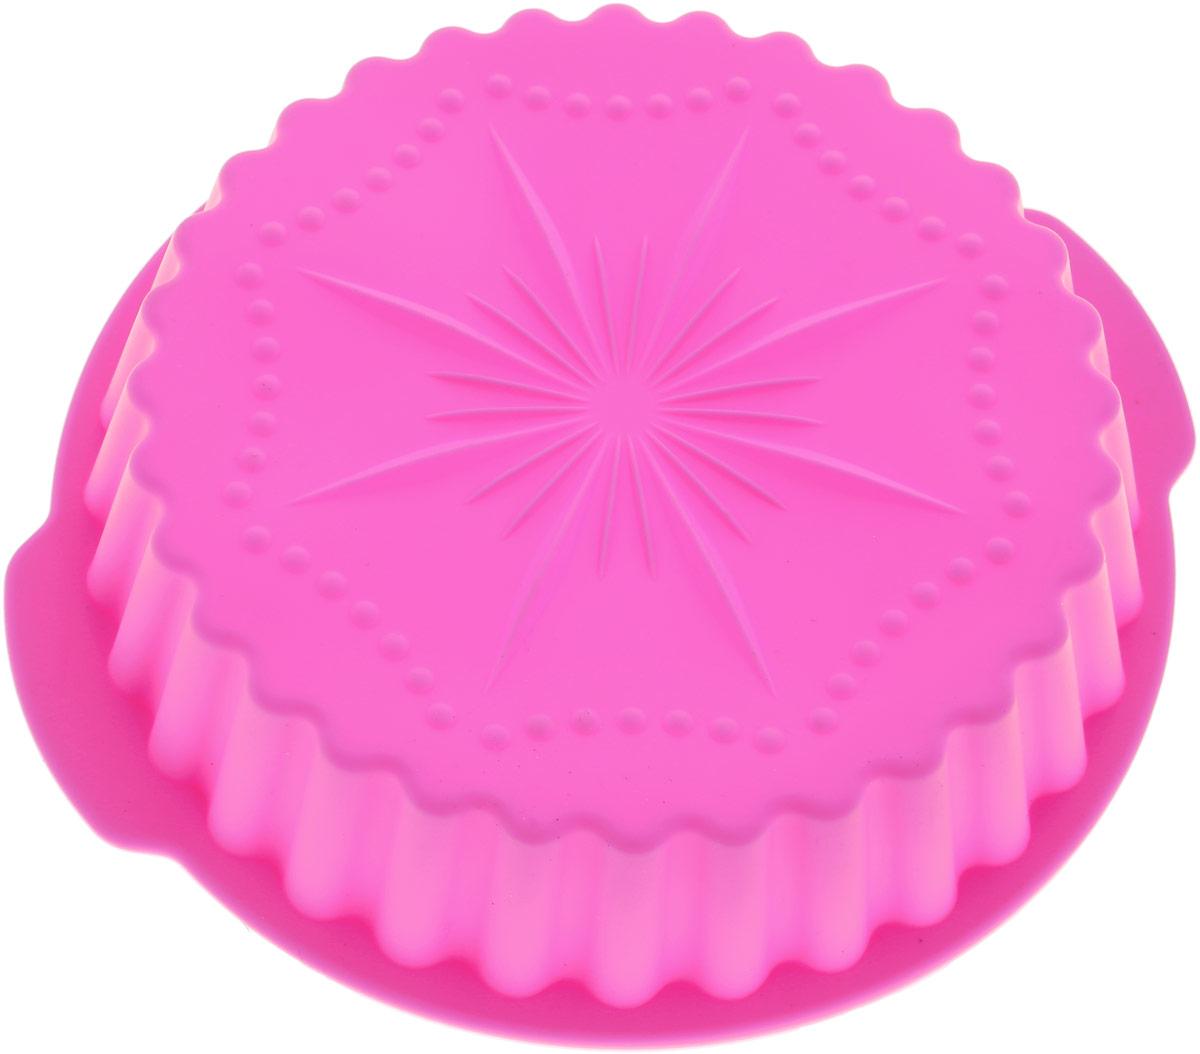 Форма для выпечки Доляна Звезда, рифленая, цвет: розовый, 20 х 4 см1057074_розовыйФорма для выпечки из силикона - современное решение для практичных и радушных хозяек.Оригинальный предмет позволяет готовить в духовке любимые блюда из мяса, рыбы, птицы иовощей, а также вкуснейшую выпечку. Почему это изделие должно быть на кухне? - блюдо сохраняет нужную форму и легко отделяется от стенок после приготовления; - высокая термостойкость (от -40°C до 230°C) позволяет применять форму в духовых шкафах иморозильных камерах; - небольшая масса делает эксплуатацию предмета простой даже для хрупкой женщины; - силикон пригоден для посудомоечных машин; - высокопрочный материал делает форму долговечным инструментом; - при хранении предмет занимает мало места. Советы по использованию формы: Перед первым применением промойте предмет теплой водой. В процессе приготовления используйте кухонный инструмент из дерева, пластика или силикона.Перед извлечением блюда из силиконовой формы дайте ему немного остыть, осторожноотогните края предмета. Готовьте с удовольствием!